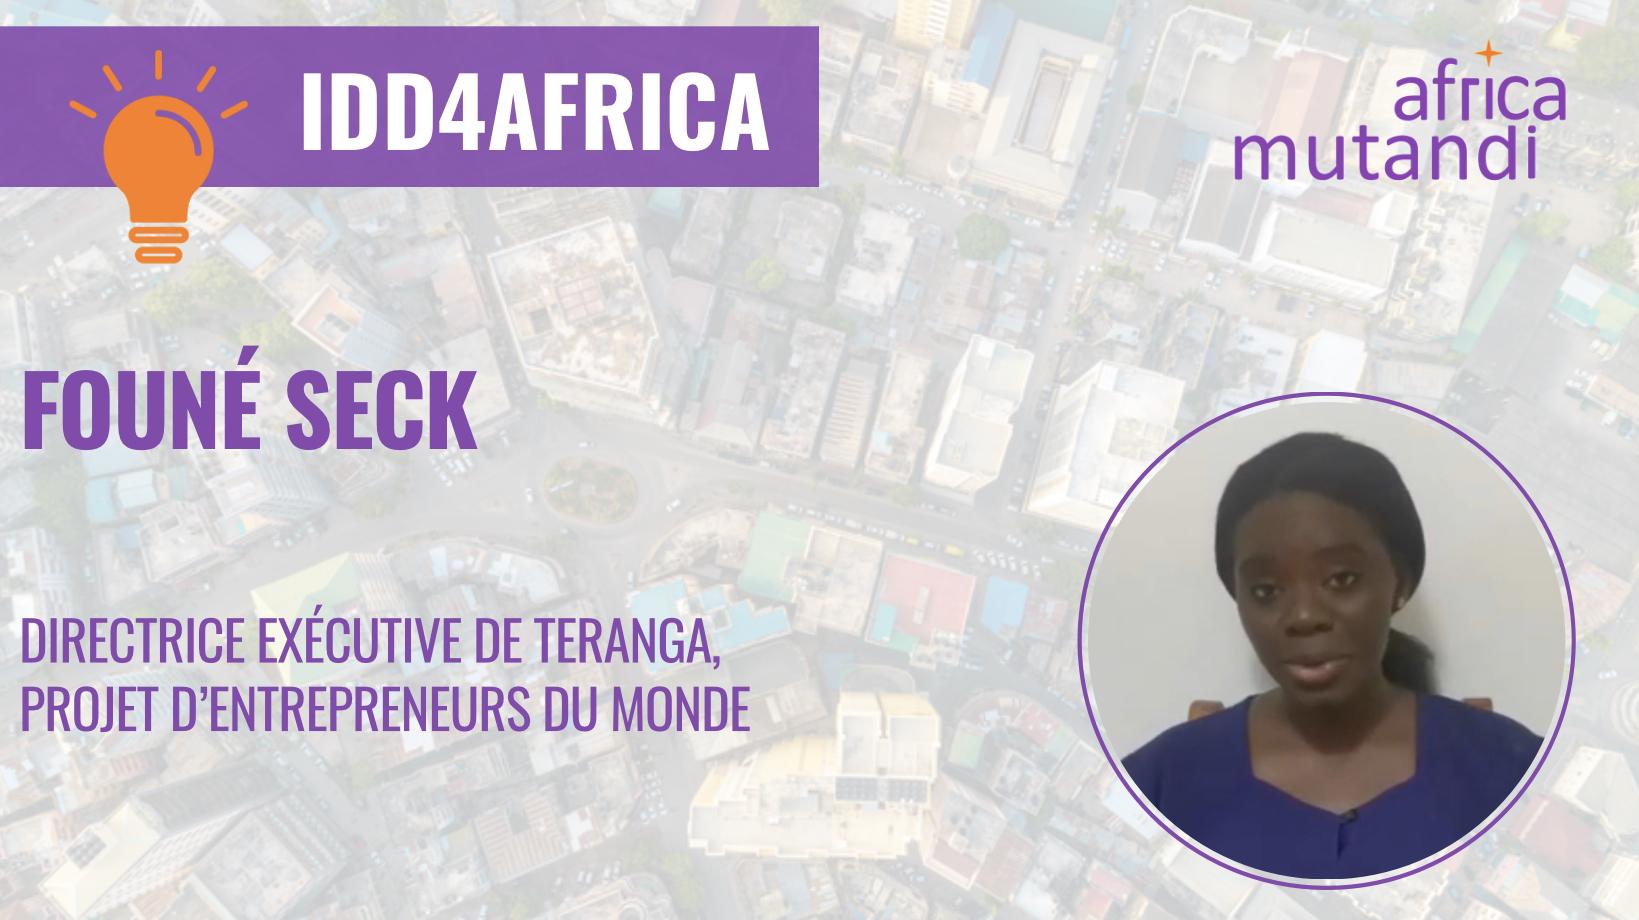 Retrouvez la visionde Founé Seck sur les leviers d'accélération des ODD en Afrique